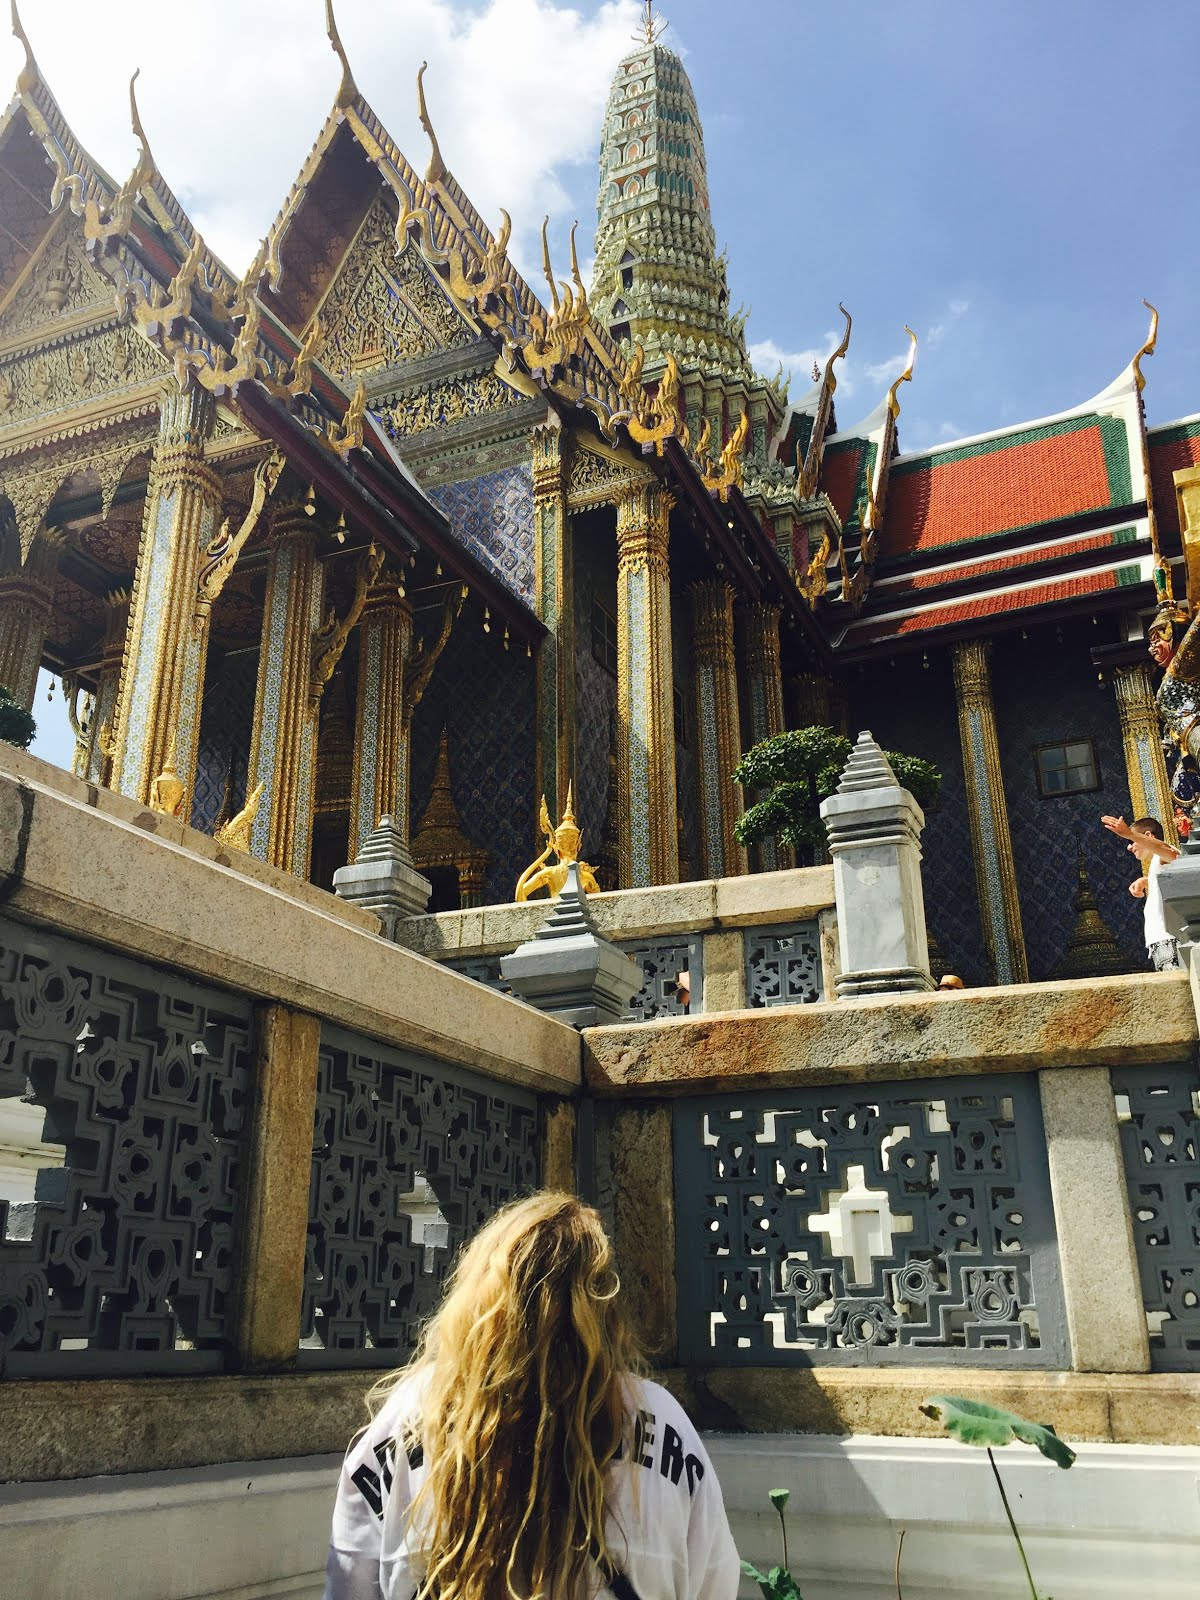 Wandering around Bangkok at the Grand palace - 3 Days in Bangkok - A City Guide